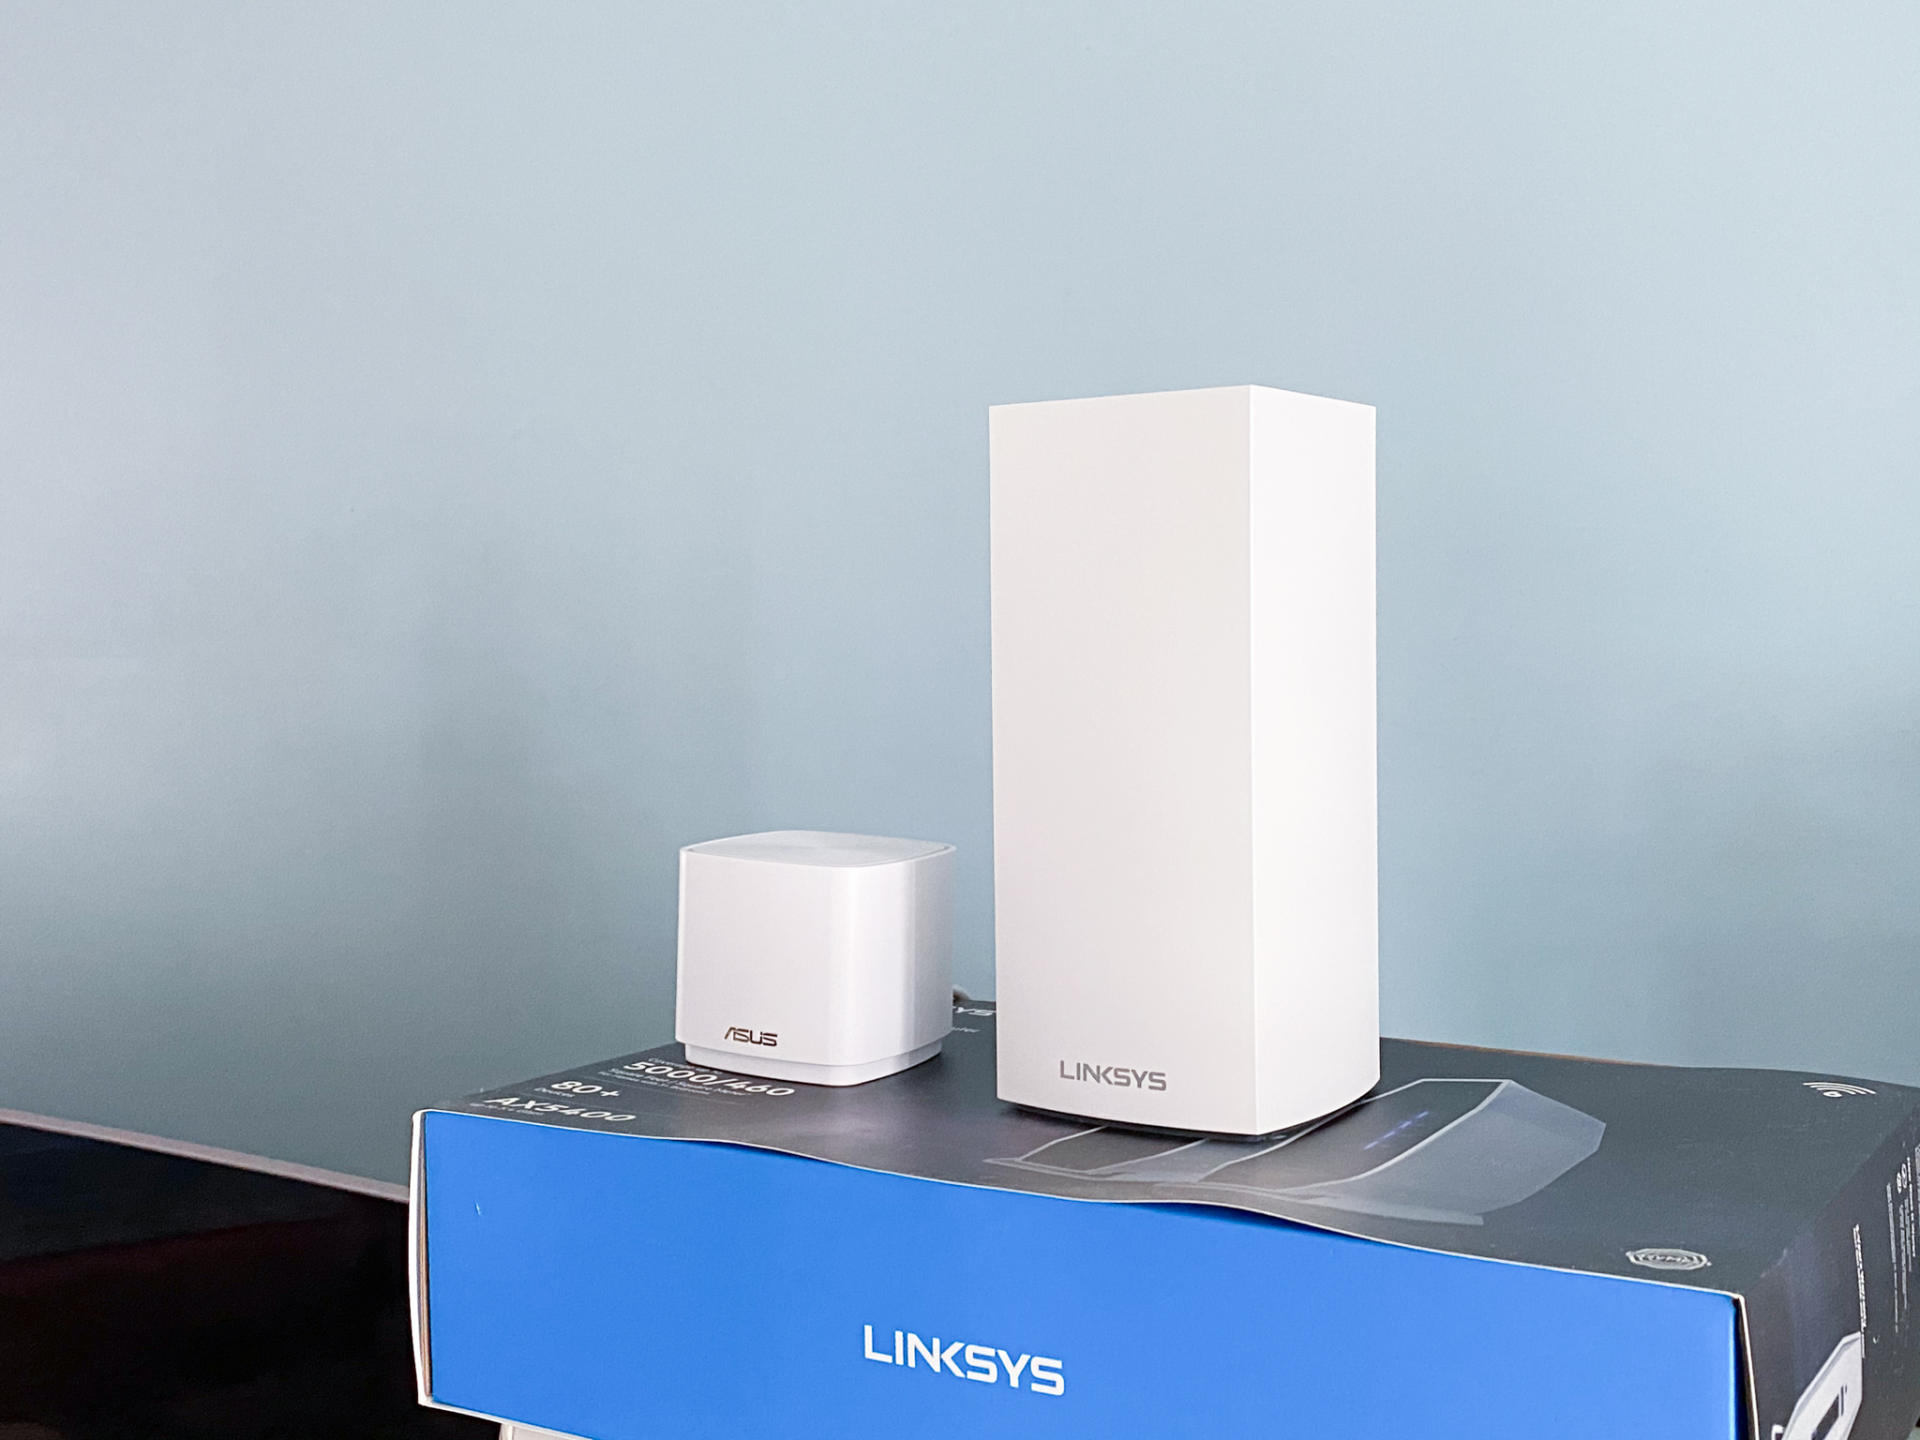 2021年家庭無線全覆蓋,mesh路由選擇3頻還是雙頻,結果在這里